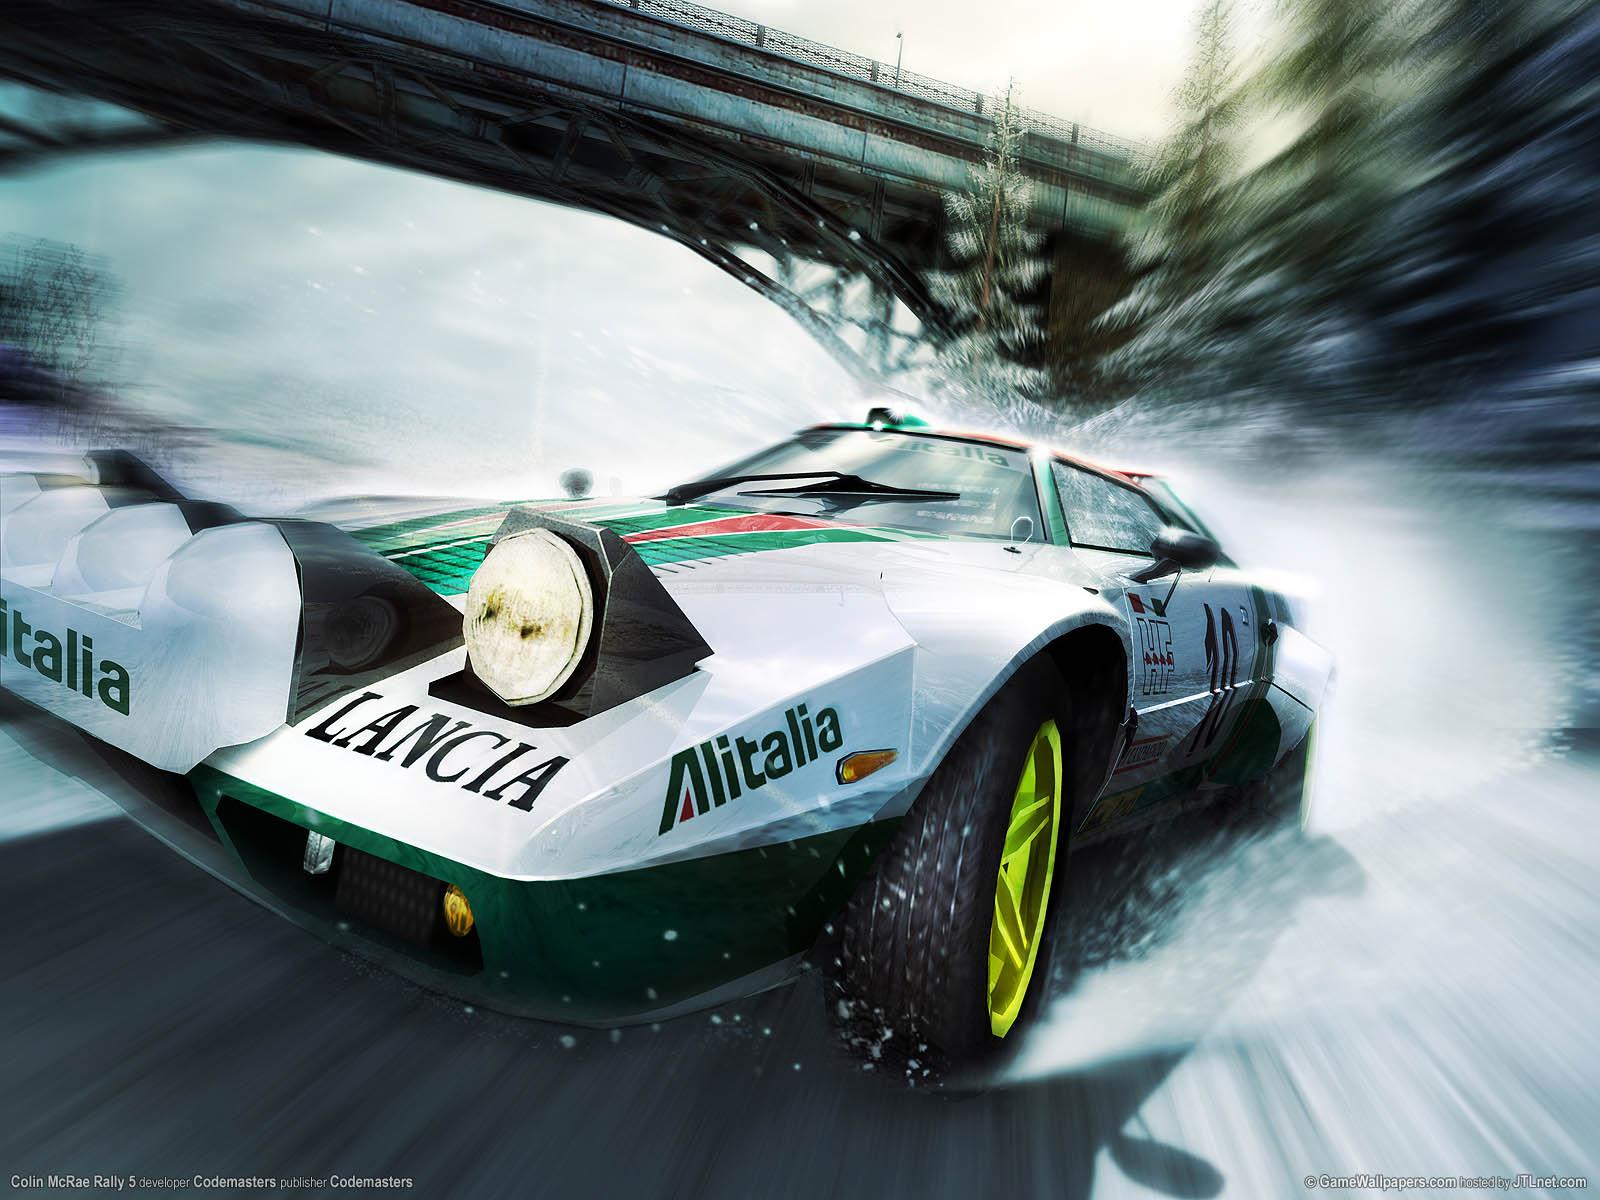 Colin McRae Rally 5 fondo de escritorio 01 1600x1200